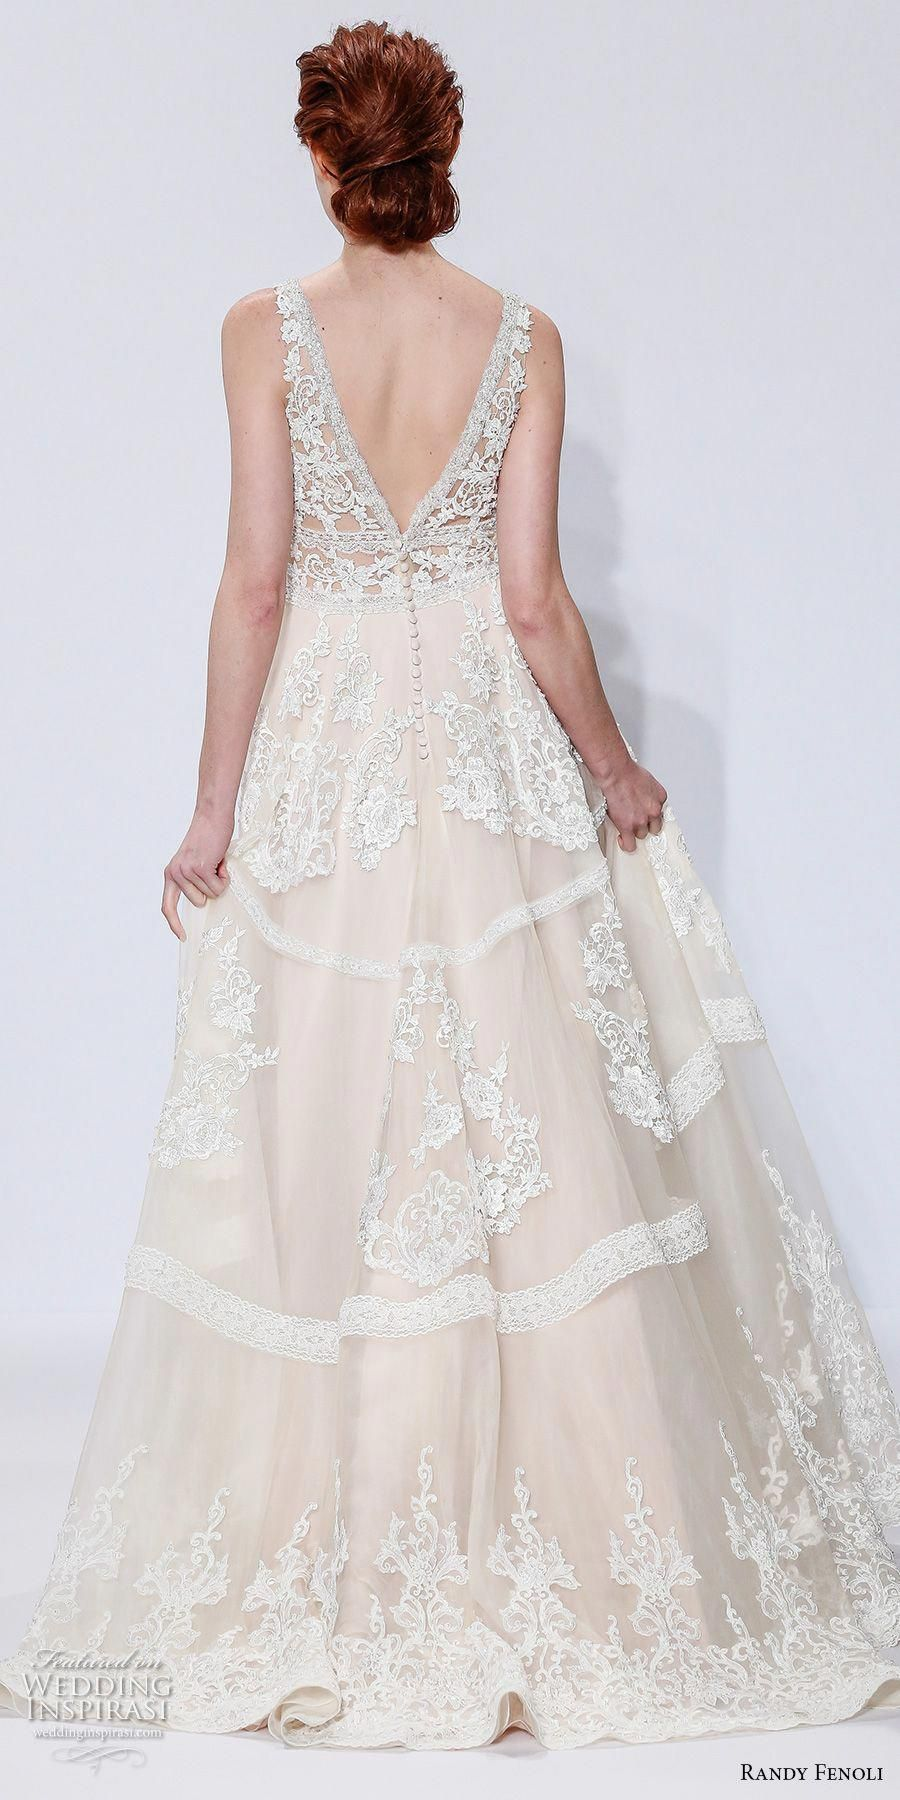 randy fenoli spring 2018 bridal sleeveless v neck full